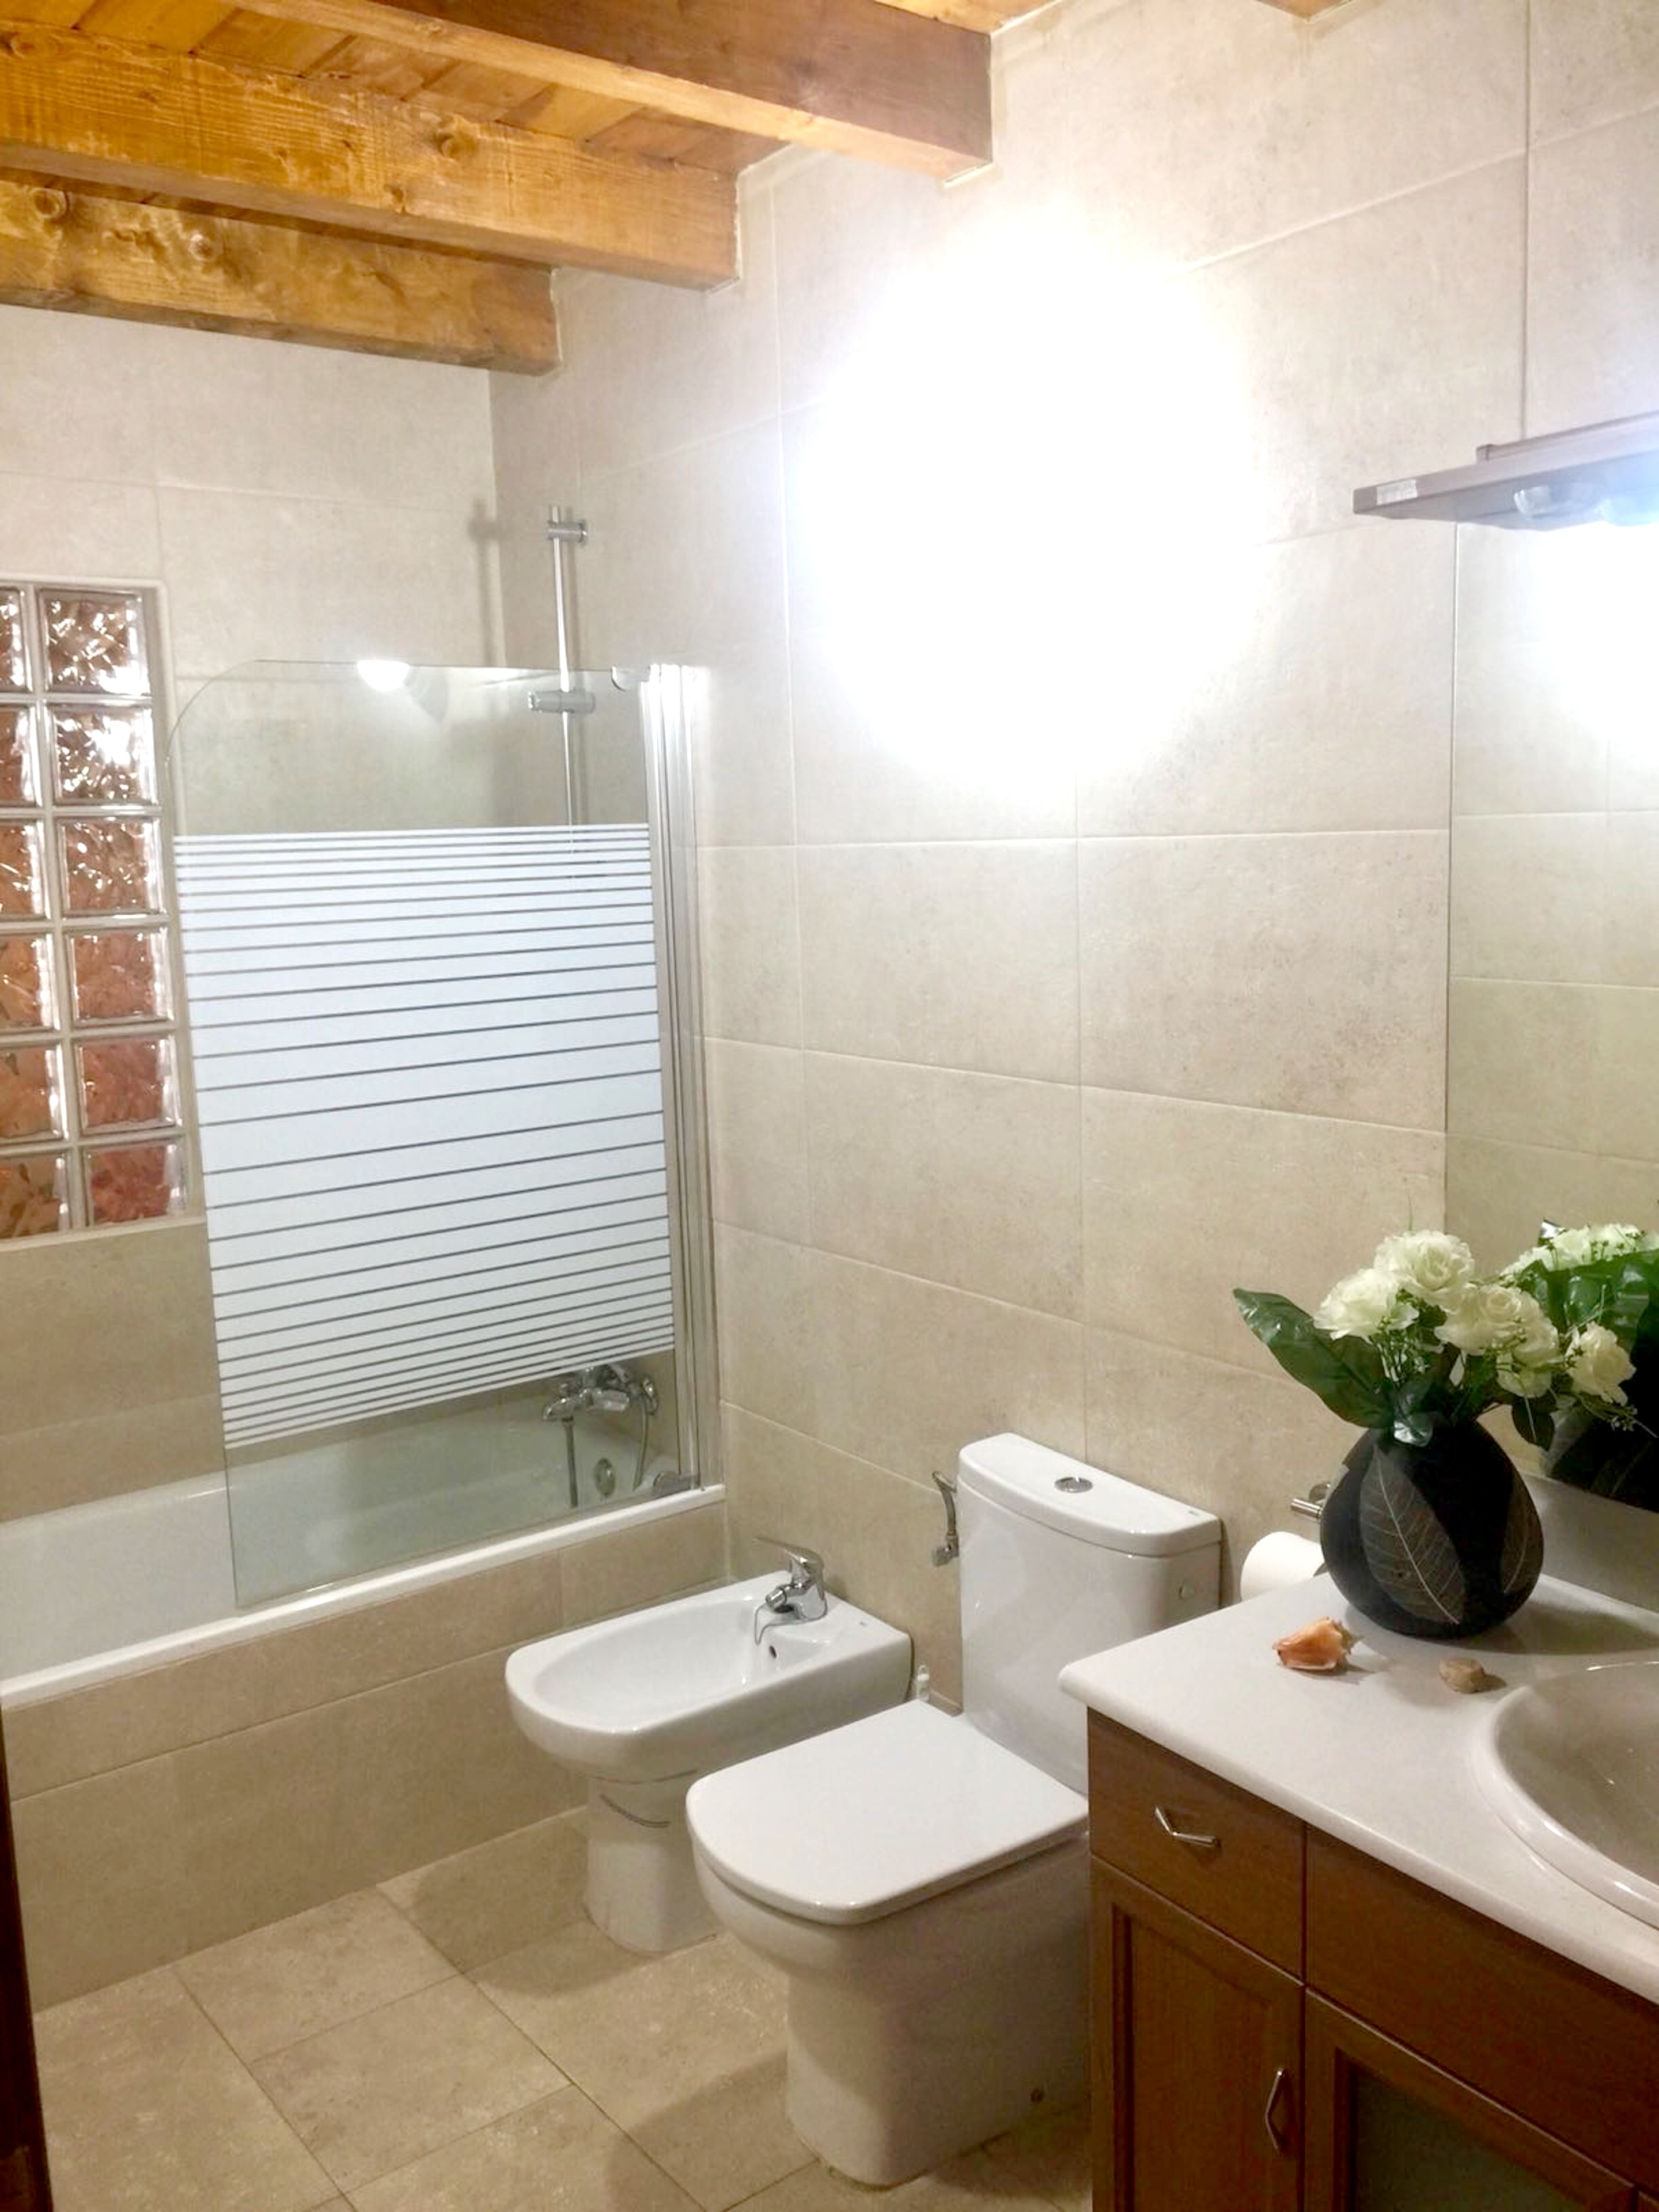 Ferienhaus Haus mit 3 Schlafzimmern in Arellano mit toller Aussicht auf die Berge und möblierter Terr (2420299), Arellano, , Navarra, Spanien, Bild 21